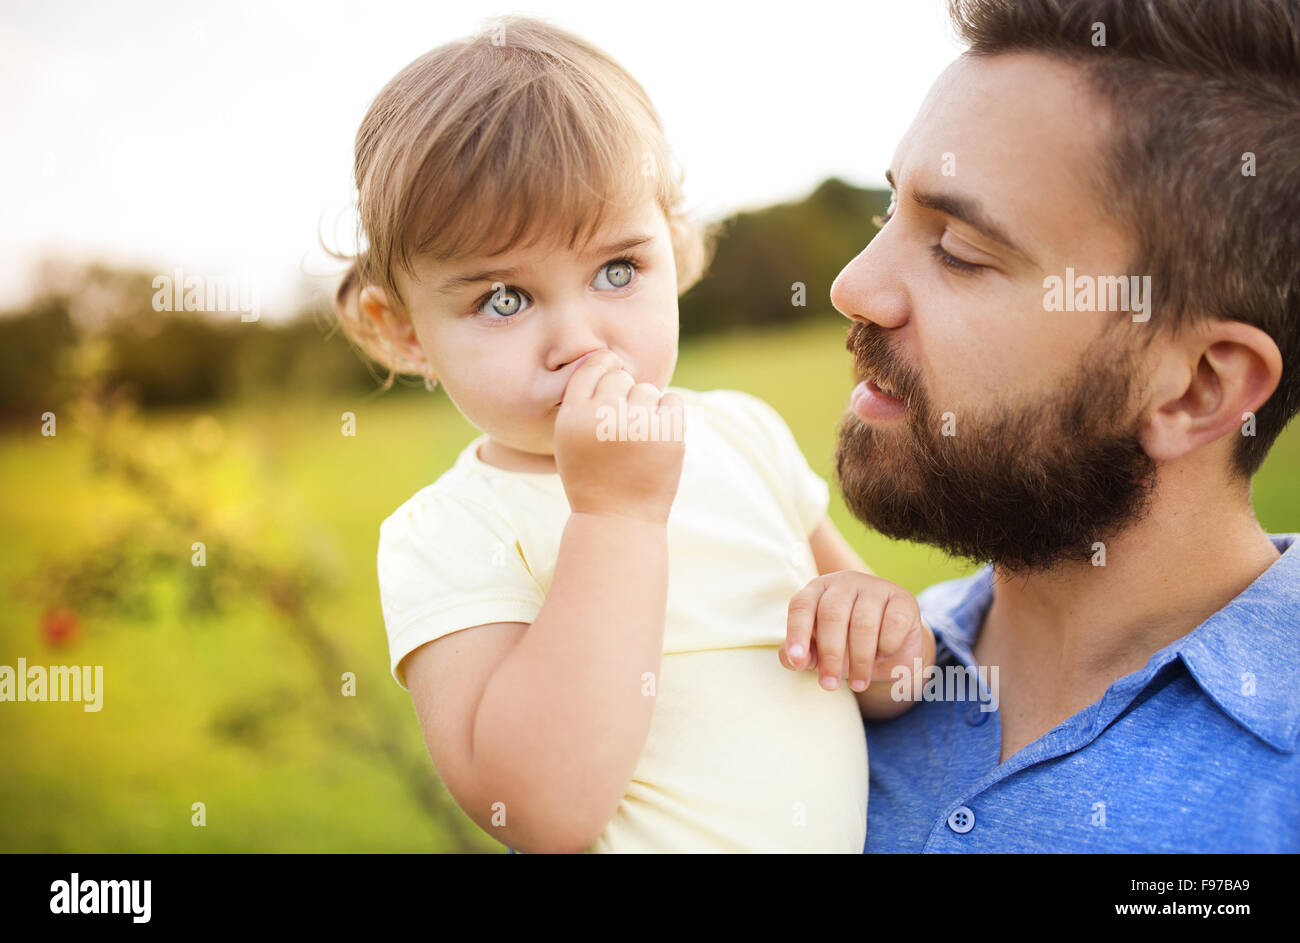 Hipster padre jugando con su hija en el parque verde. Imagen De Stock